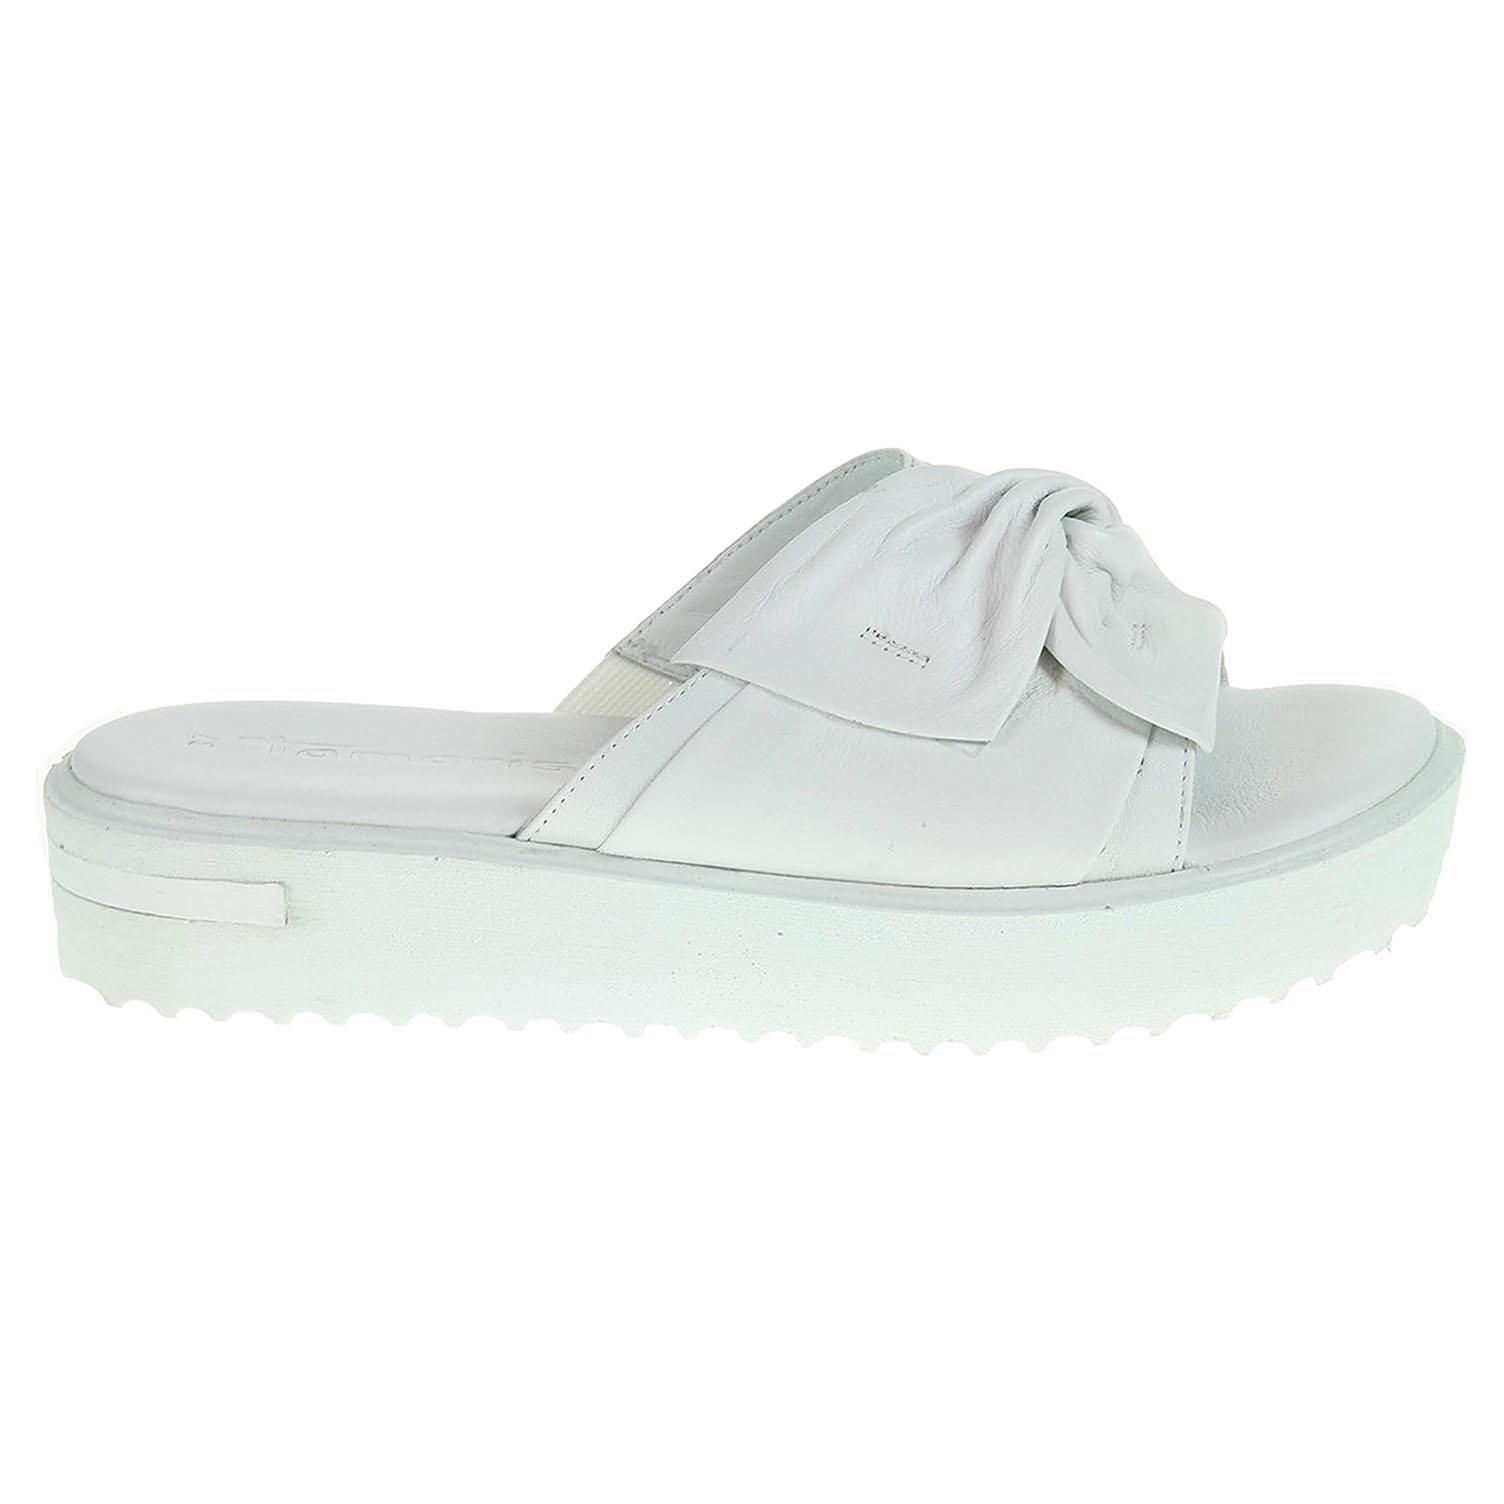 Ecco Tamaris dámské pantofle 1-27213-28 bílé 23600772